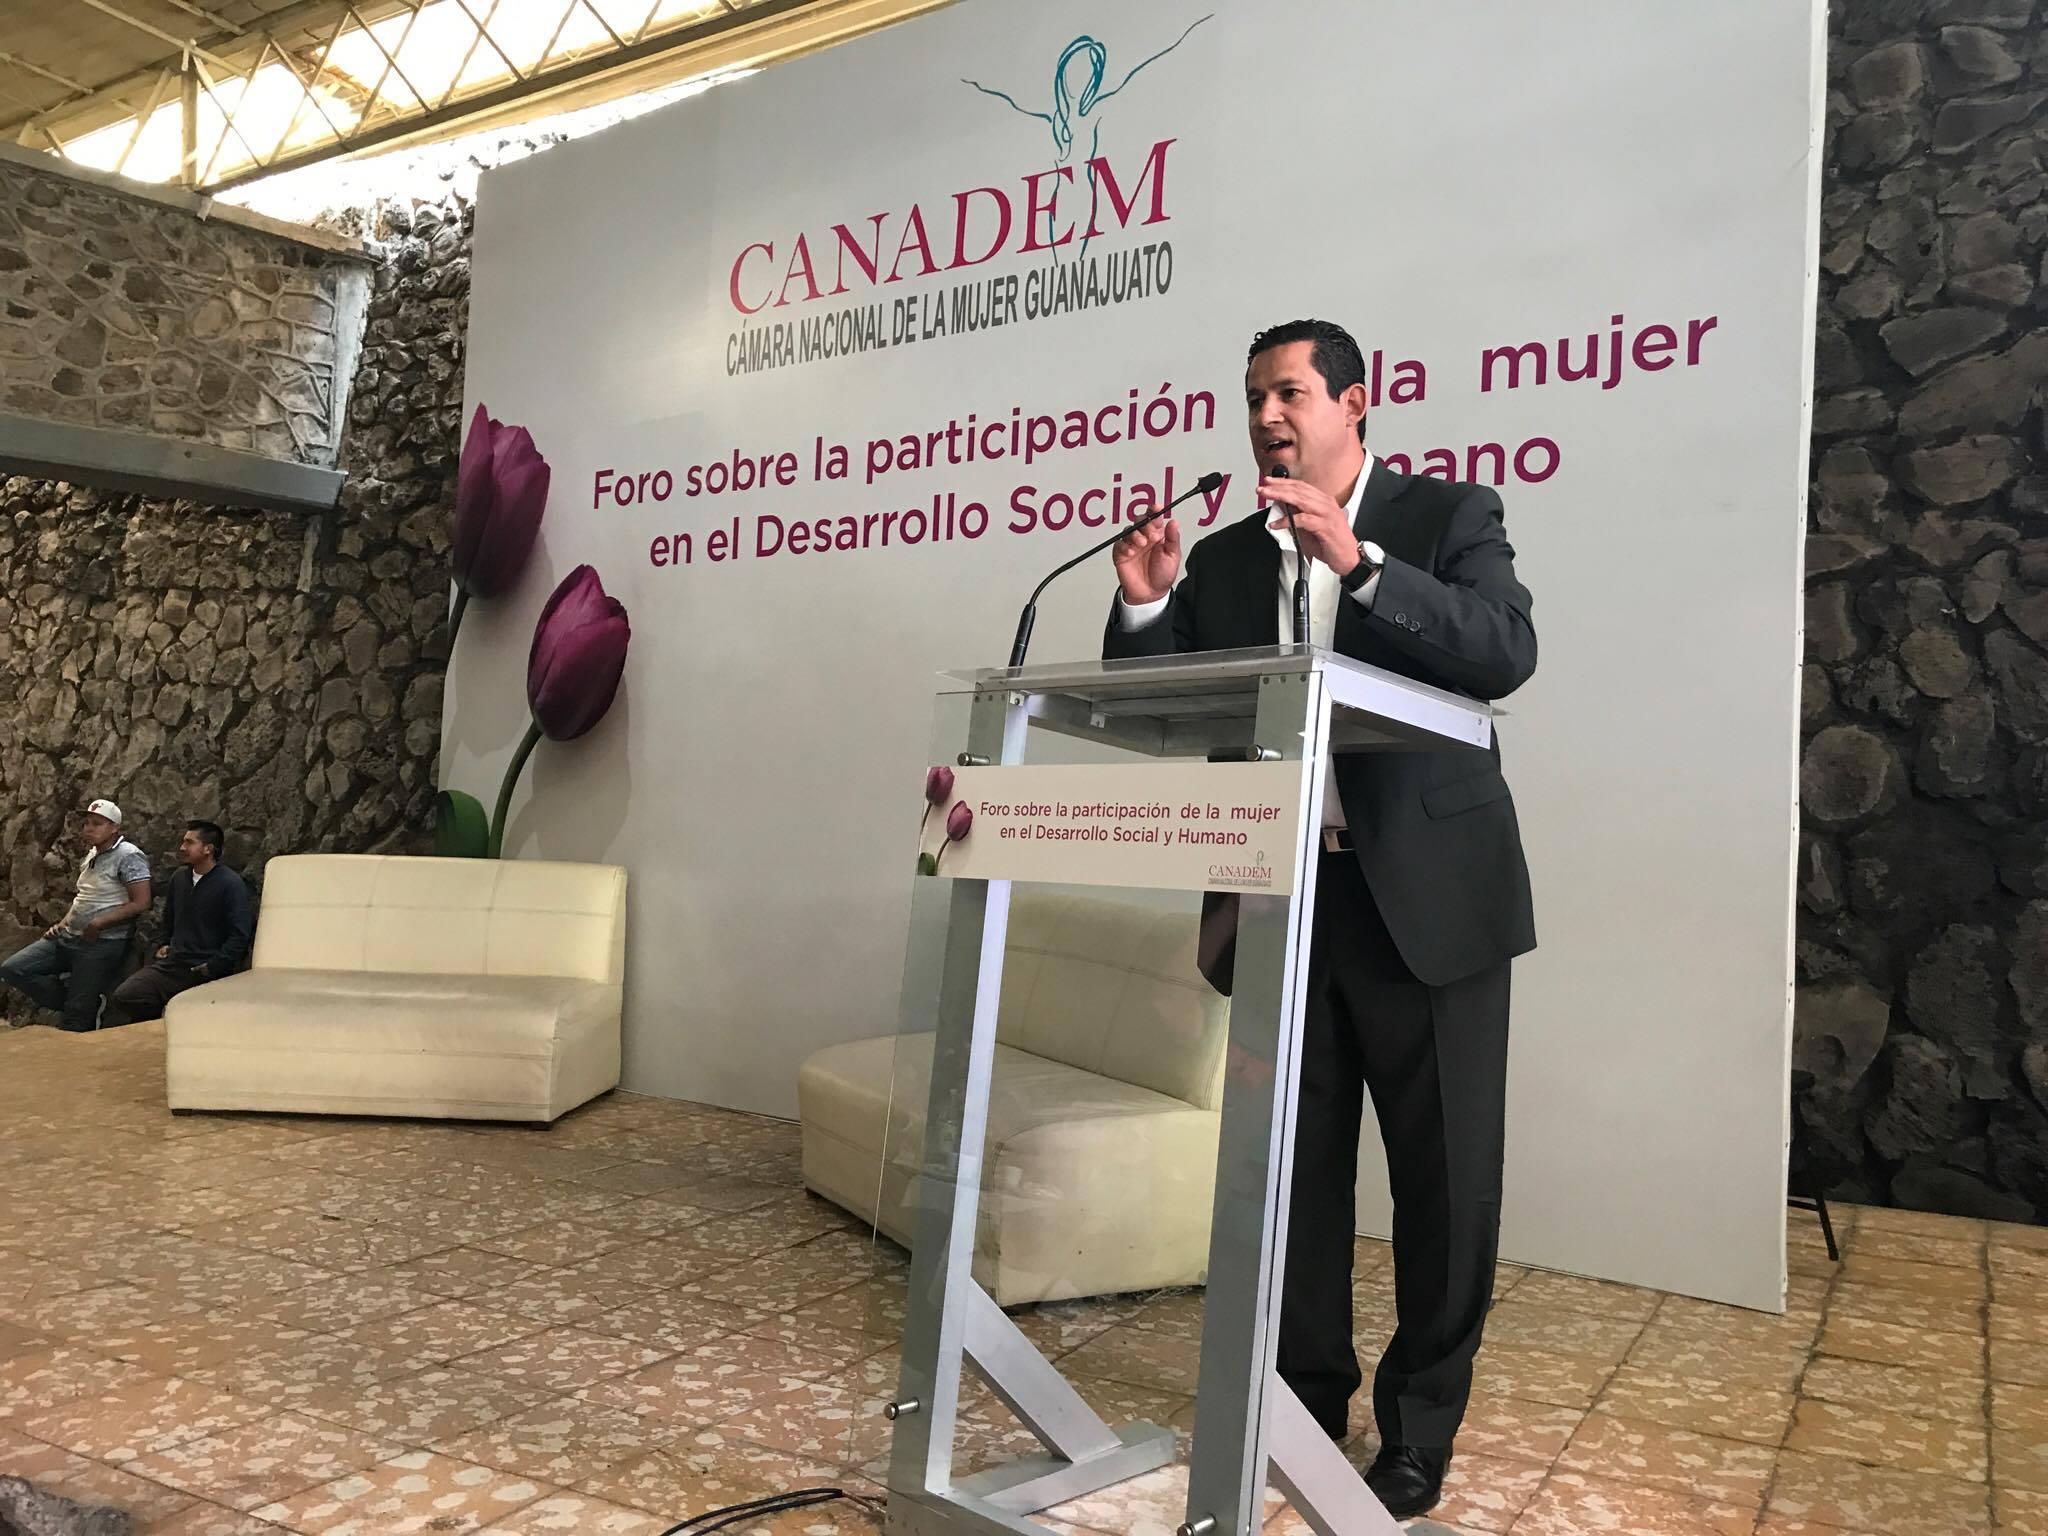 Entre los ponentes del evento, el secretario de Desarrollo Social y Humano, Diego Sinhué Rodríguez Vallejo